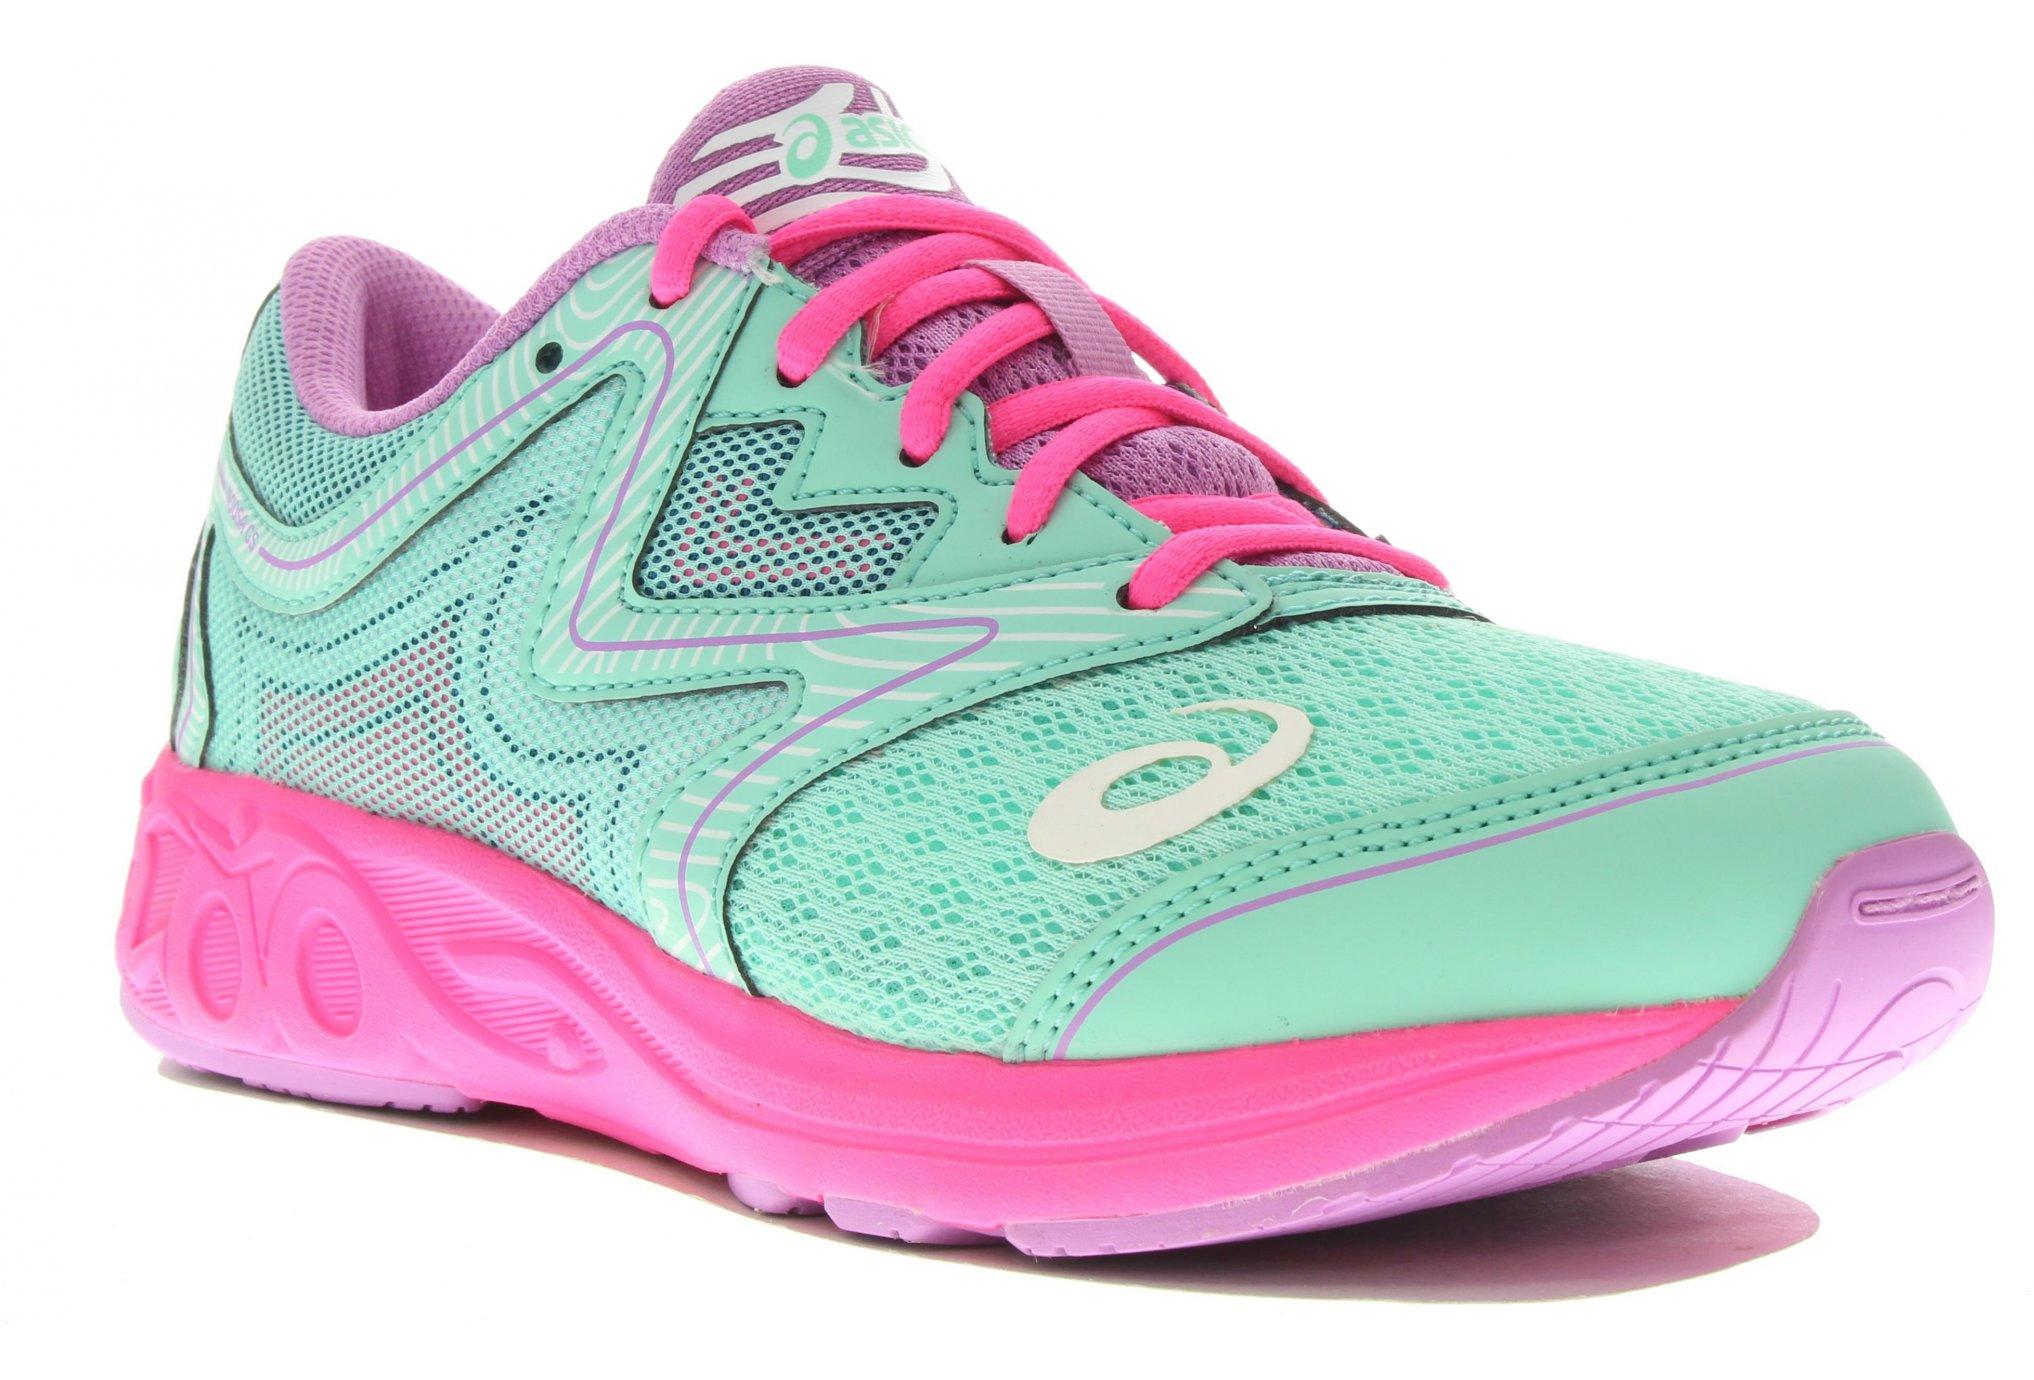 Asics Noosa FF GS Chaussures running femme